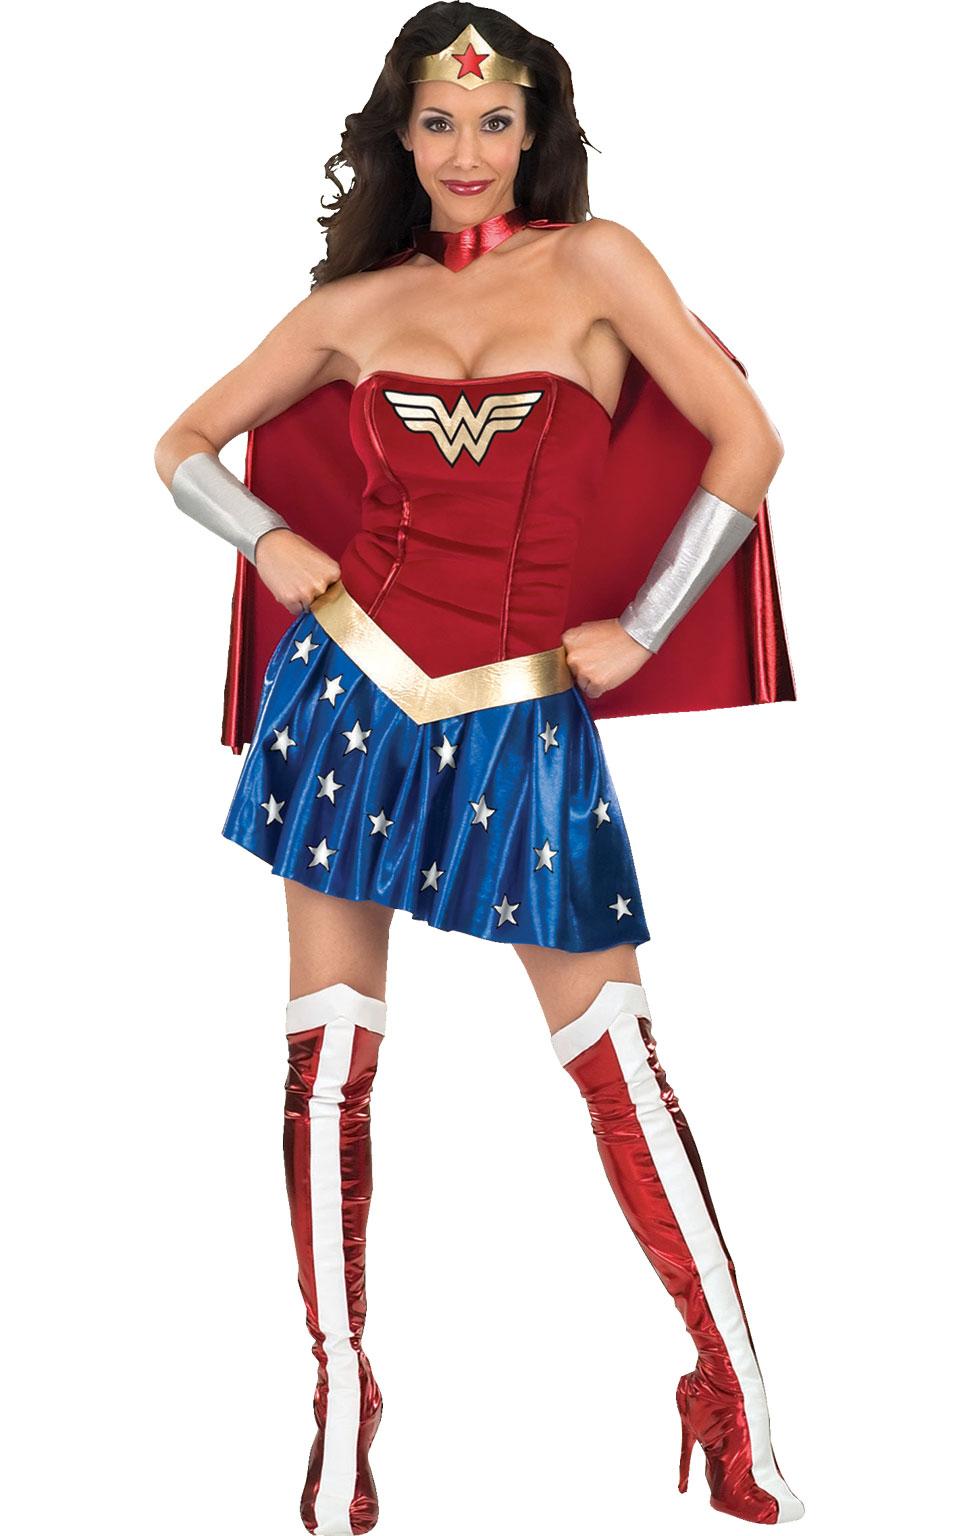 Rubies Kostým Wonderwoman Veľkosť - dospelý: M